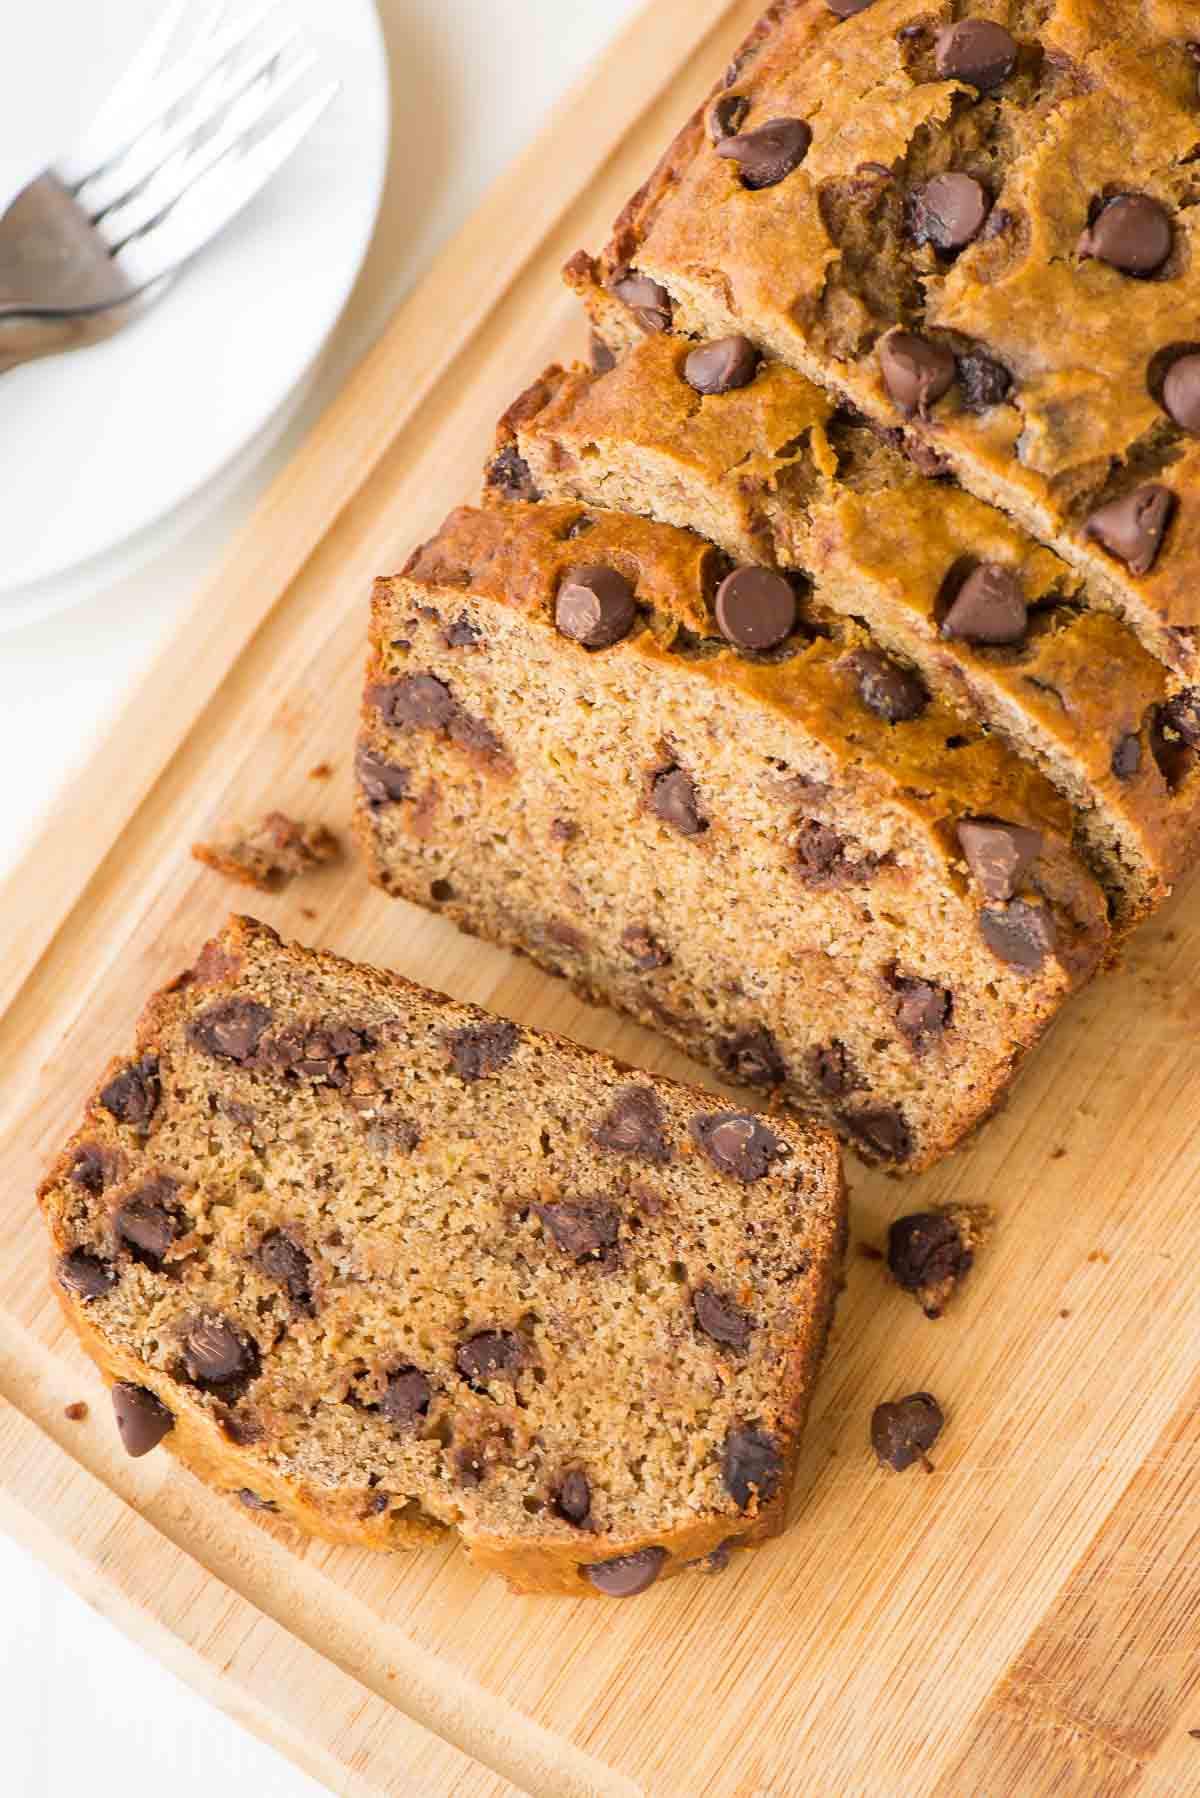 Banana Bread Healthy Recipe  Healthy Banana Bread Recipe with Chocolate Chips